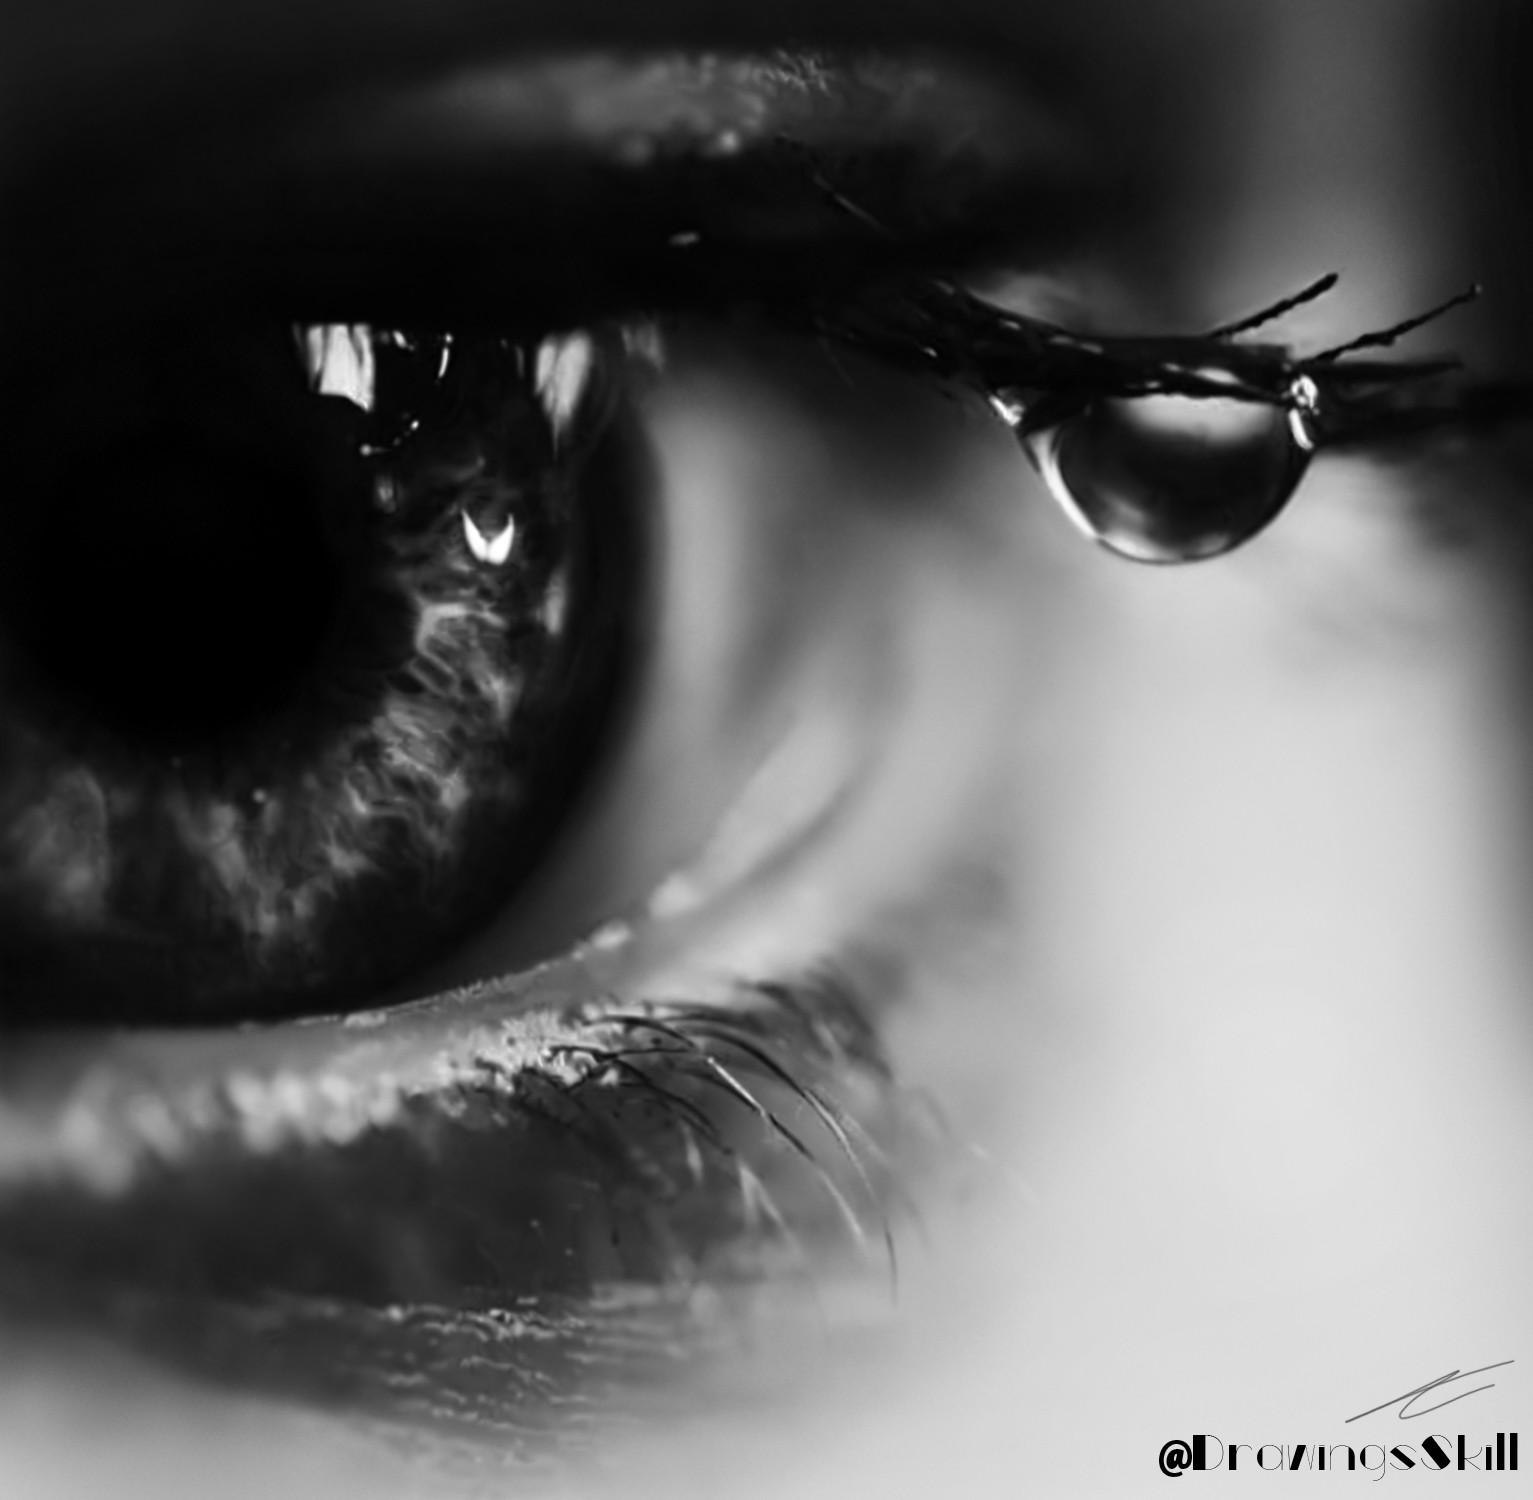 Картинка слеза и грусть печаль в твоих глазах